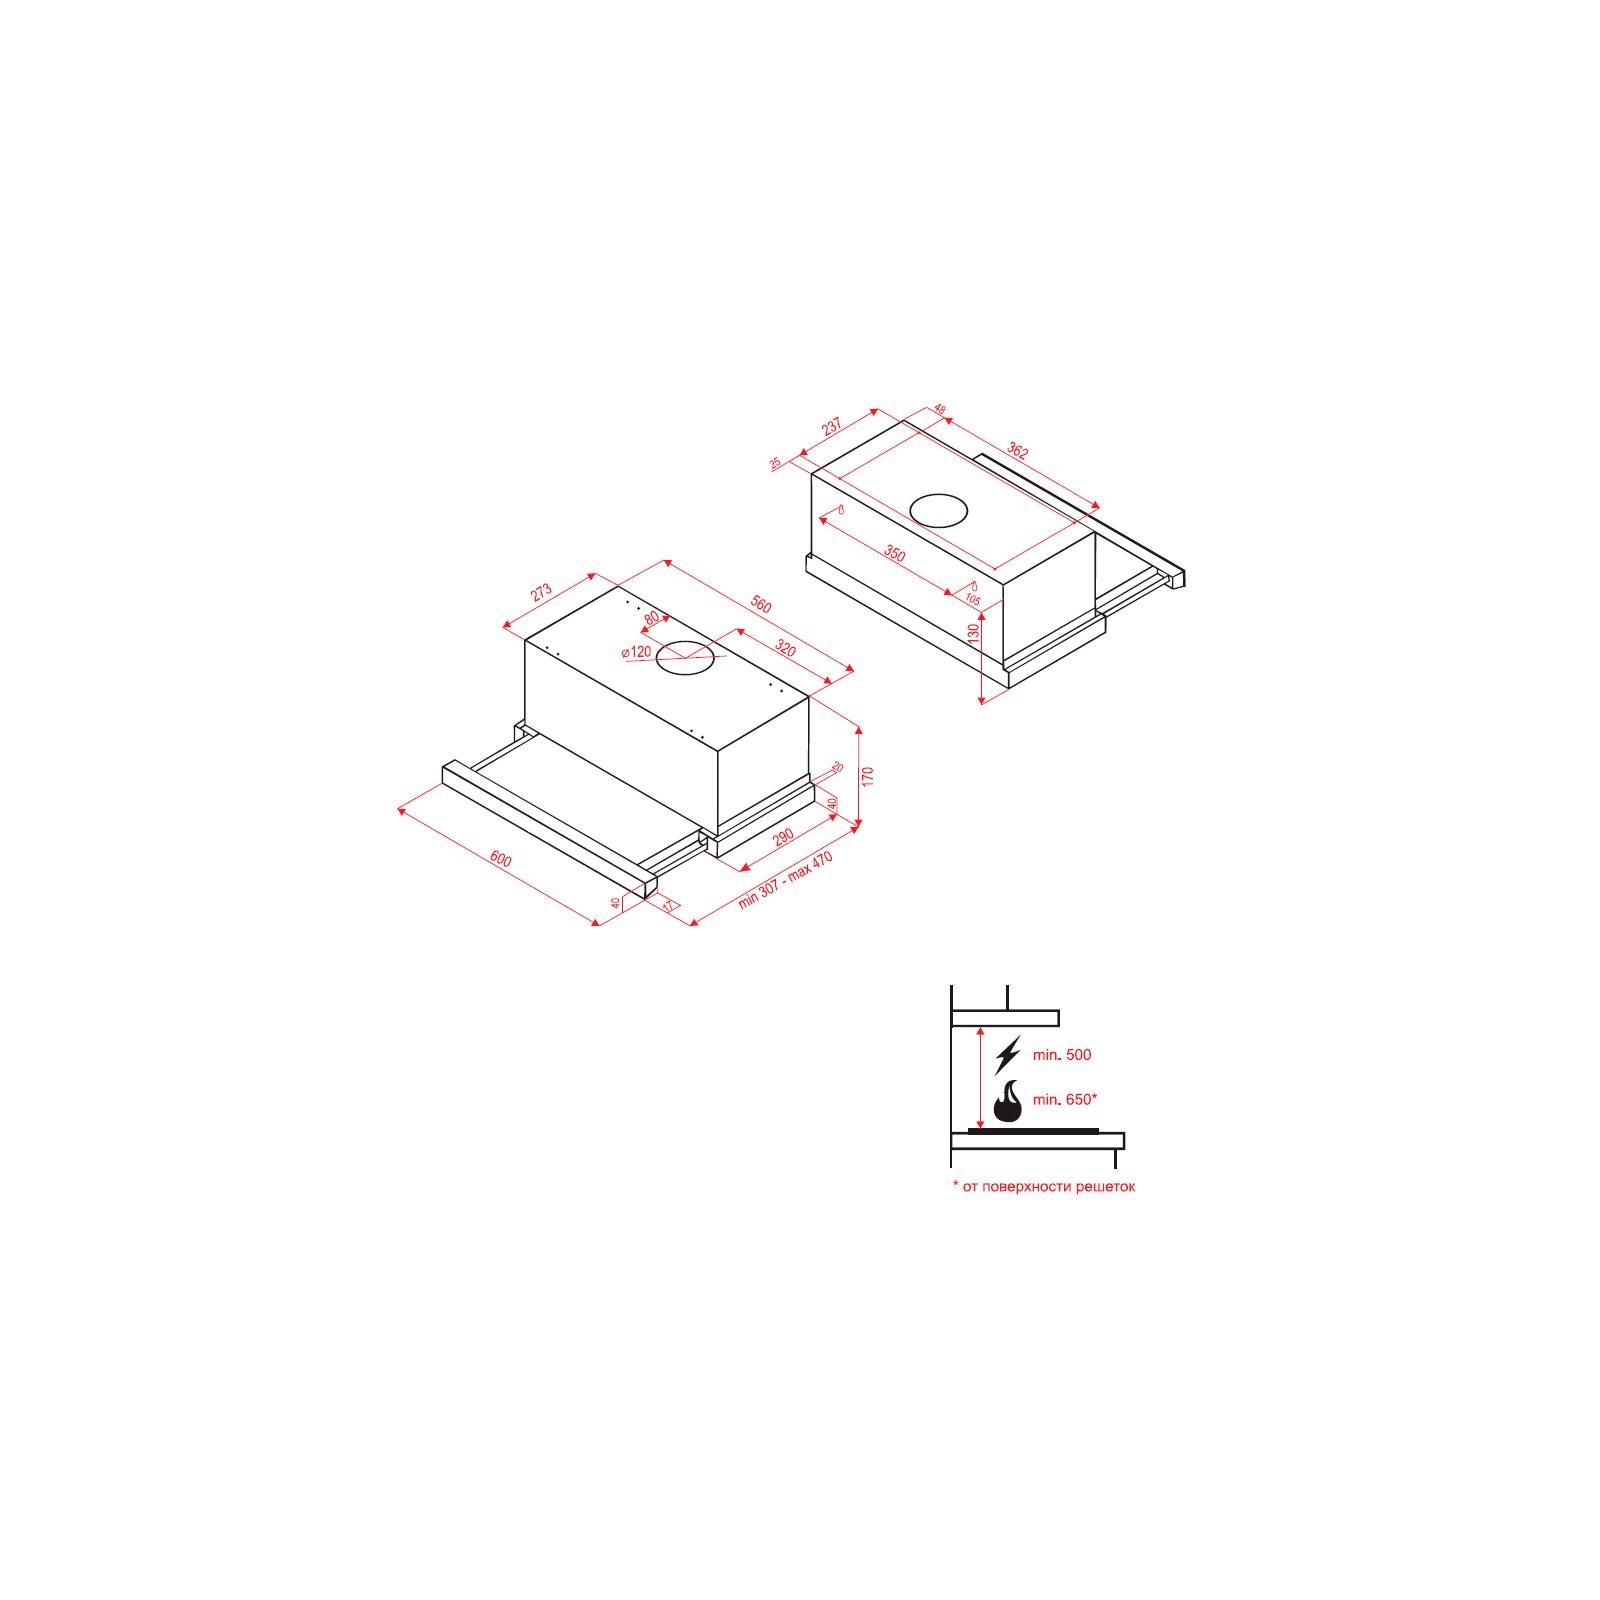 Вытяжка кухонная Perfelli TL 6010 IV изображение 5